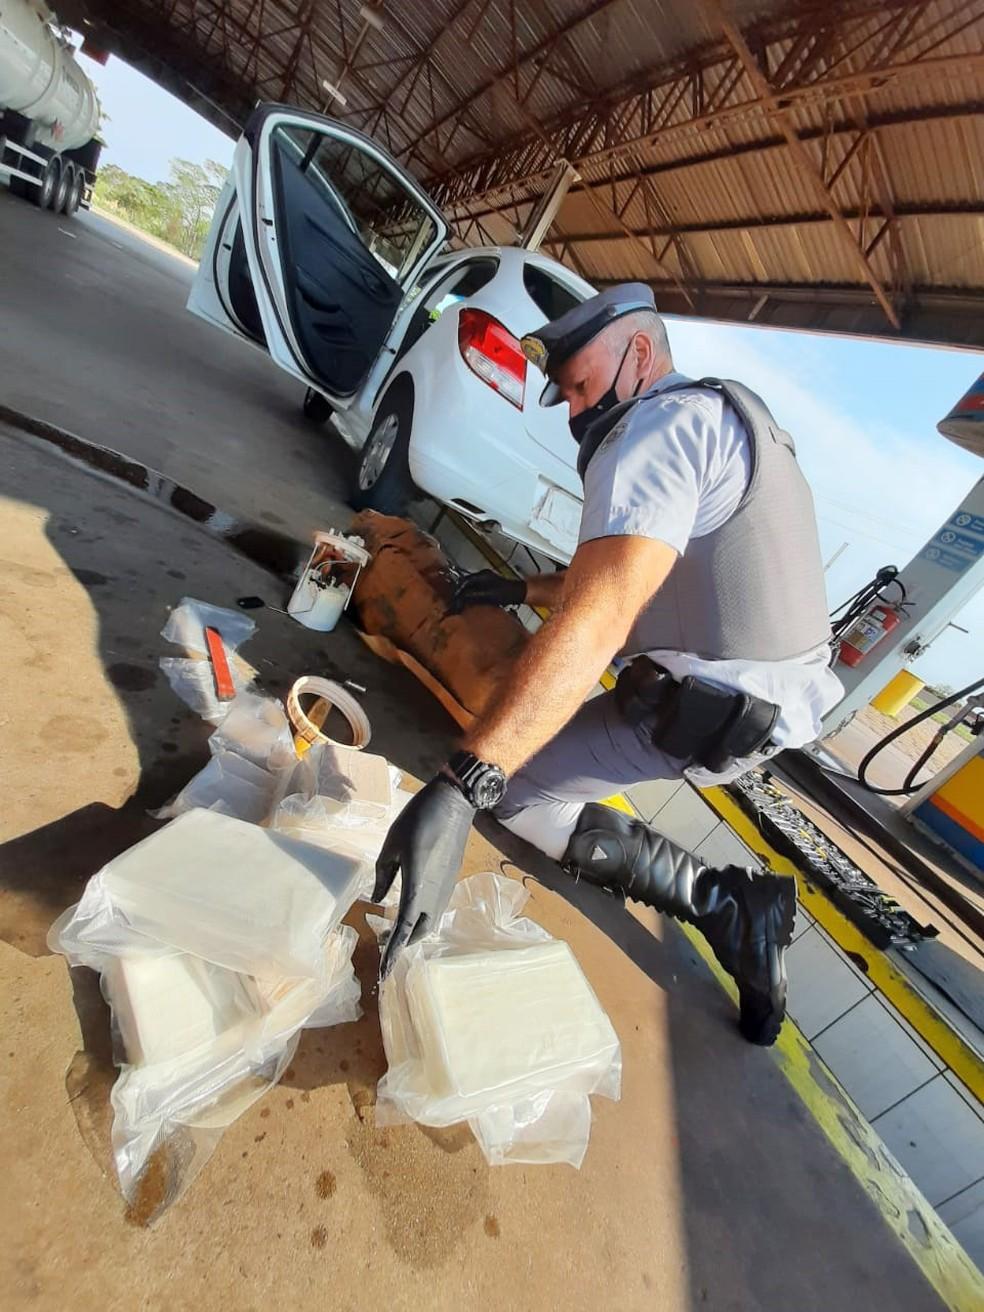 Cocaína estava escondida no tanque de combustíveis do carro — Foto: Polícia Militar Rodoviária